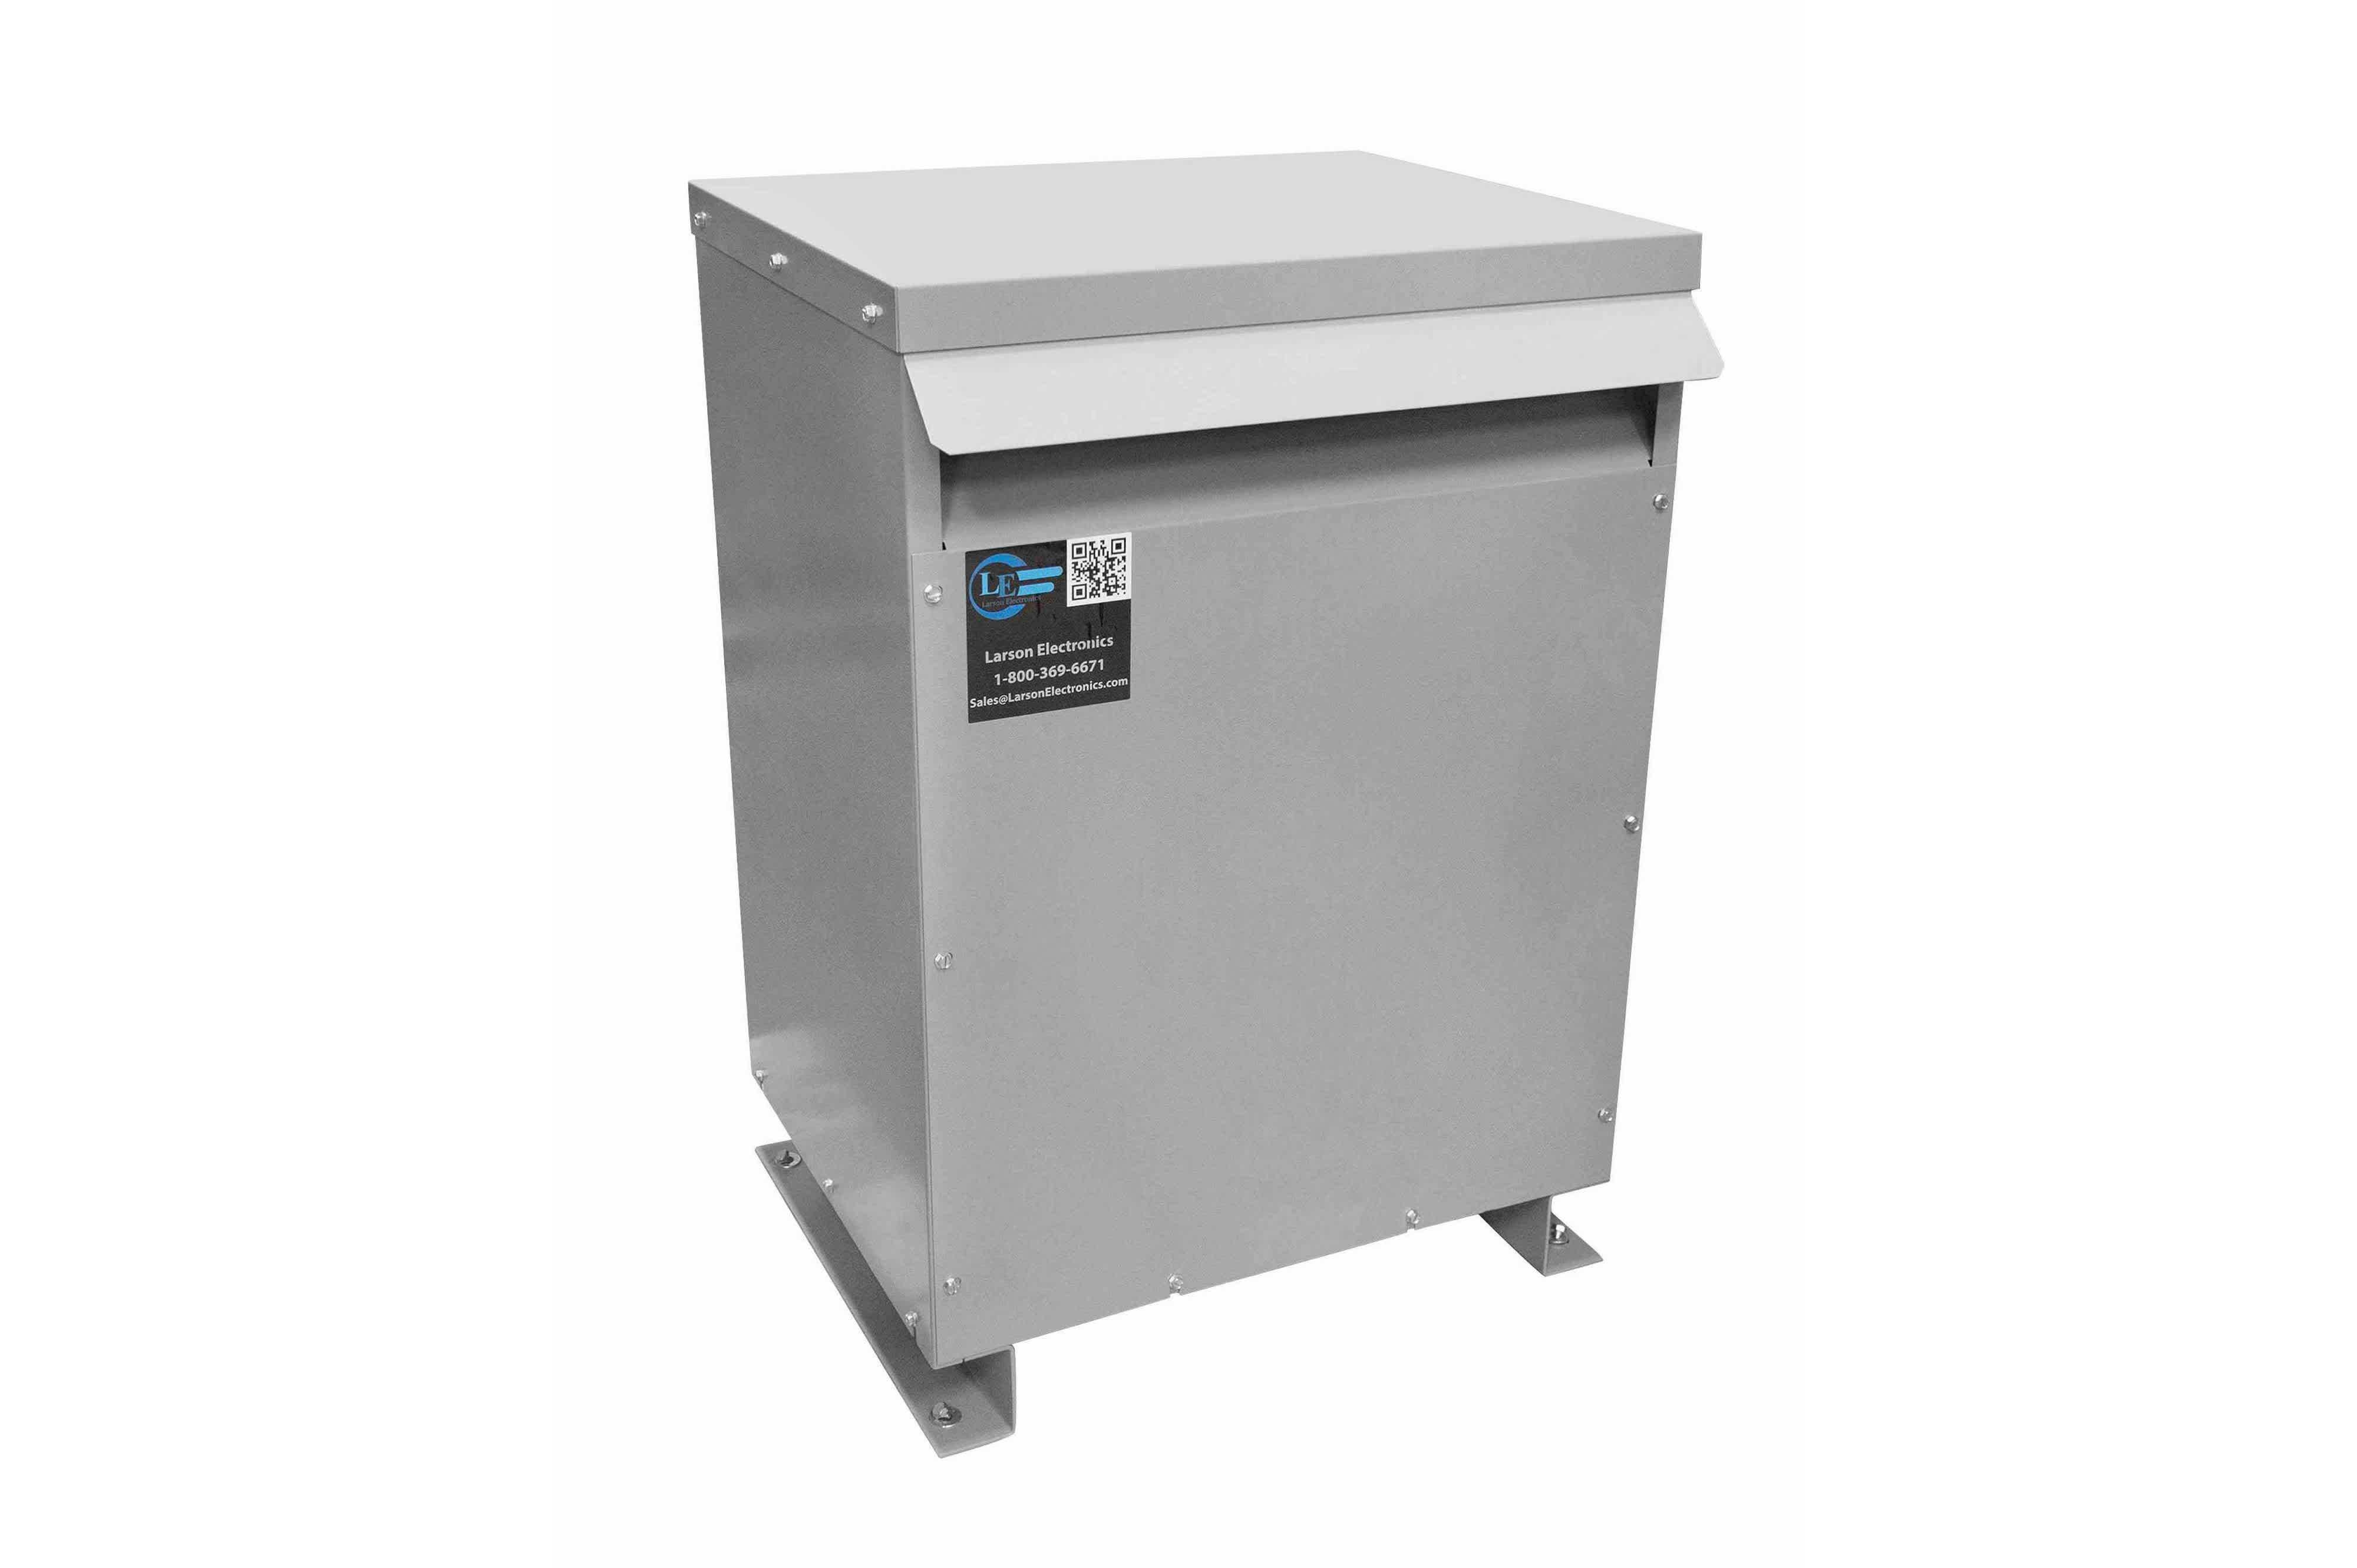 11 kVA 3PH Isolation Transformer, 460V Delta Primary, 208V Delta Secondary, N3R, Ventilated, 60 Hz